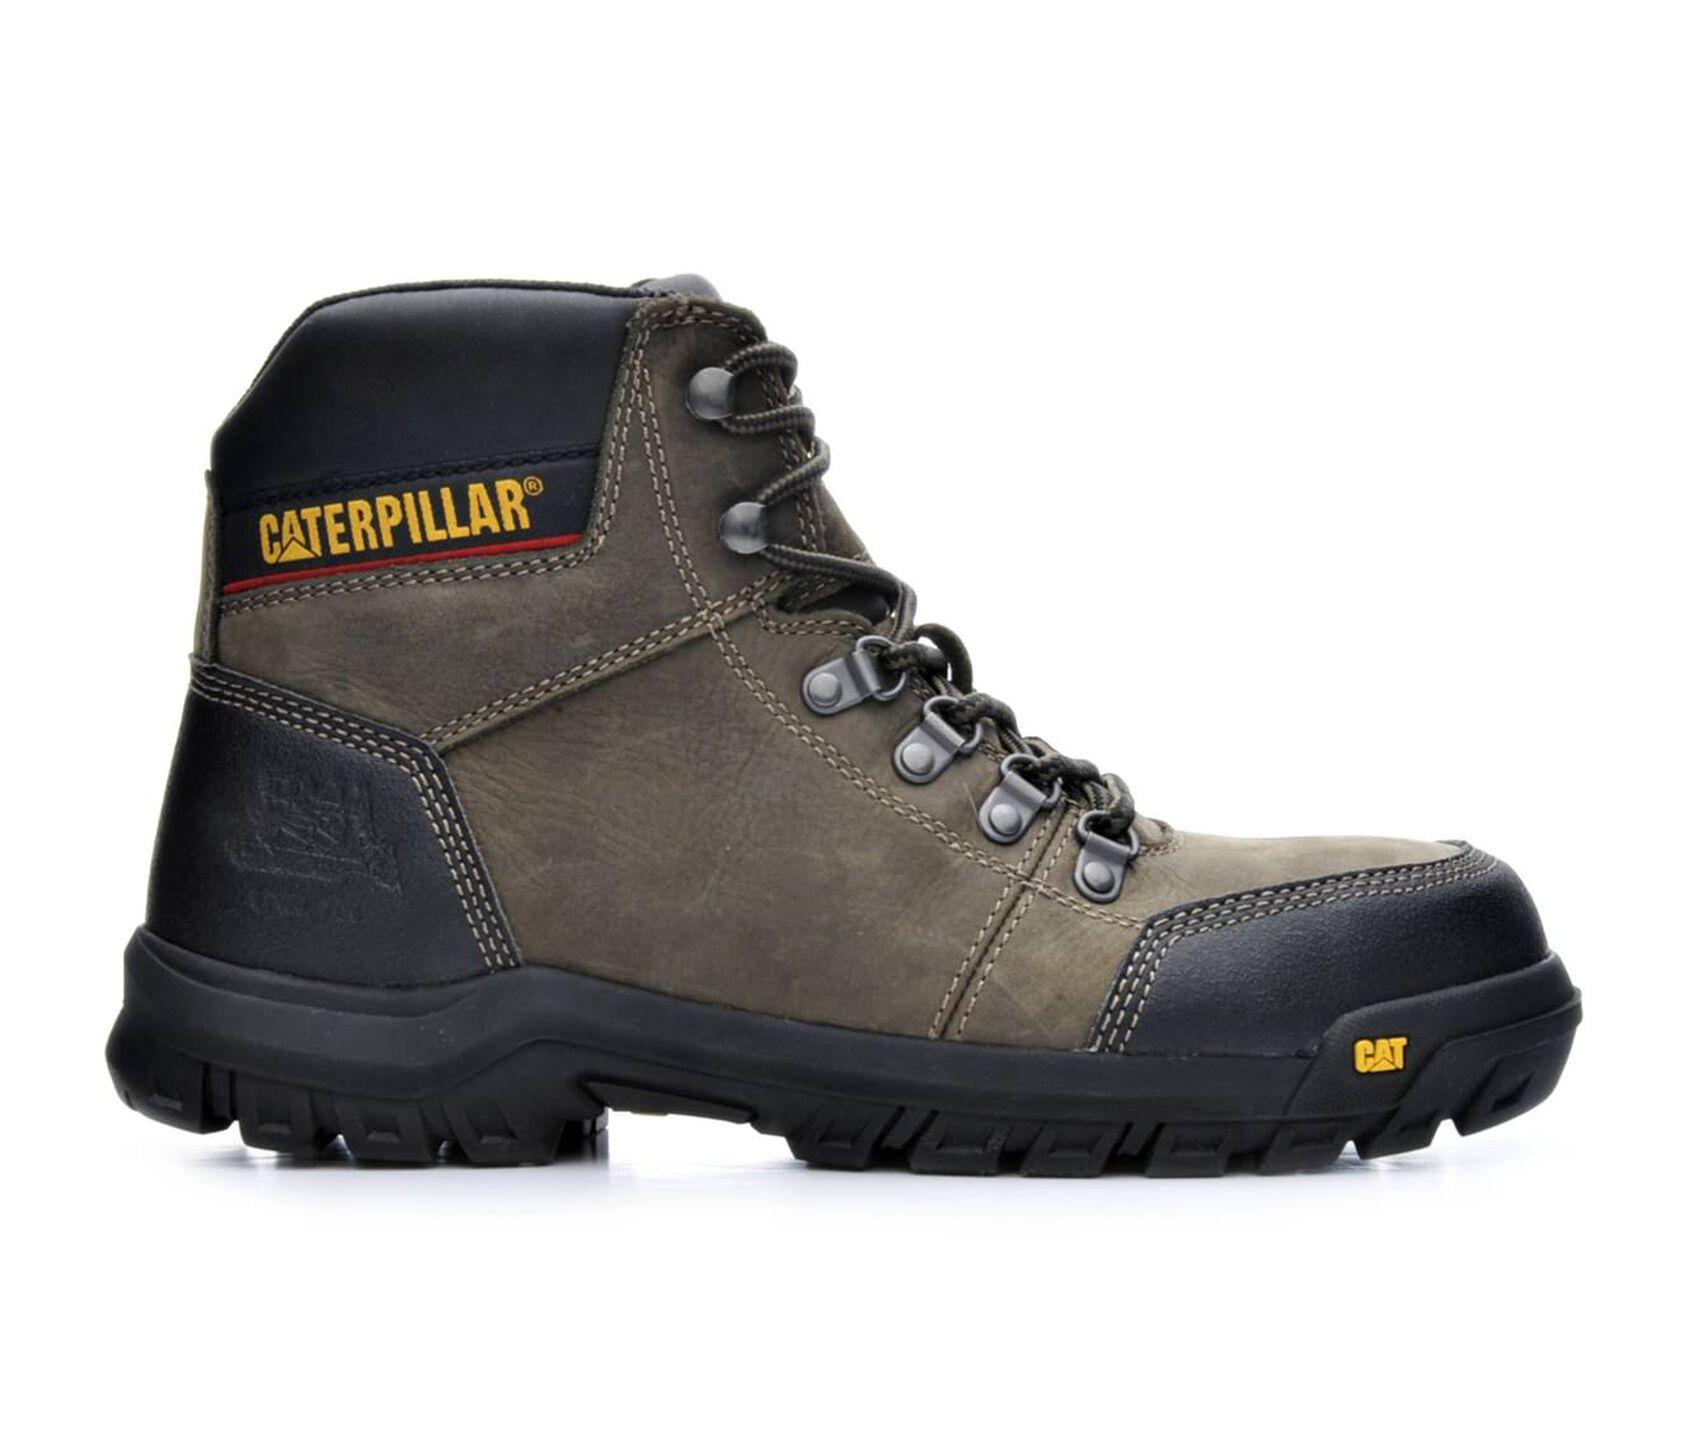 2b85e8d6876 Men's Caterpillar Outline Steel Toe Work Boots